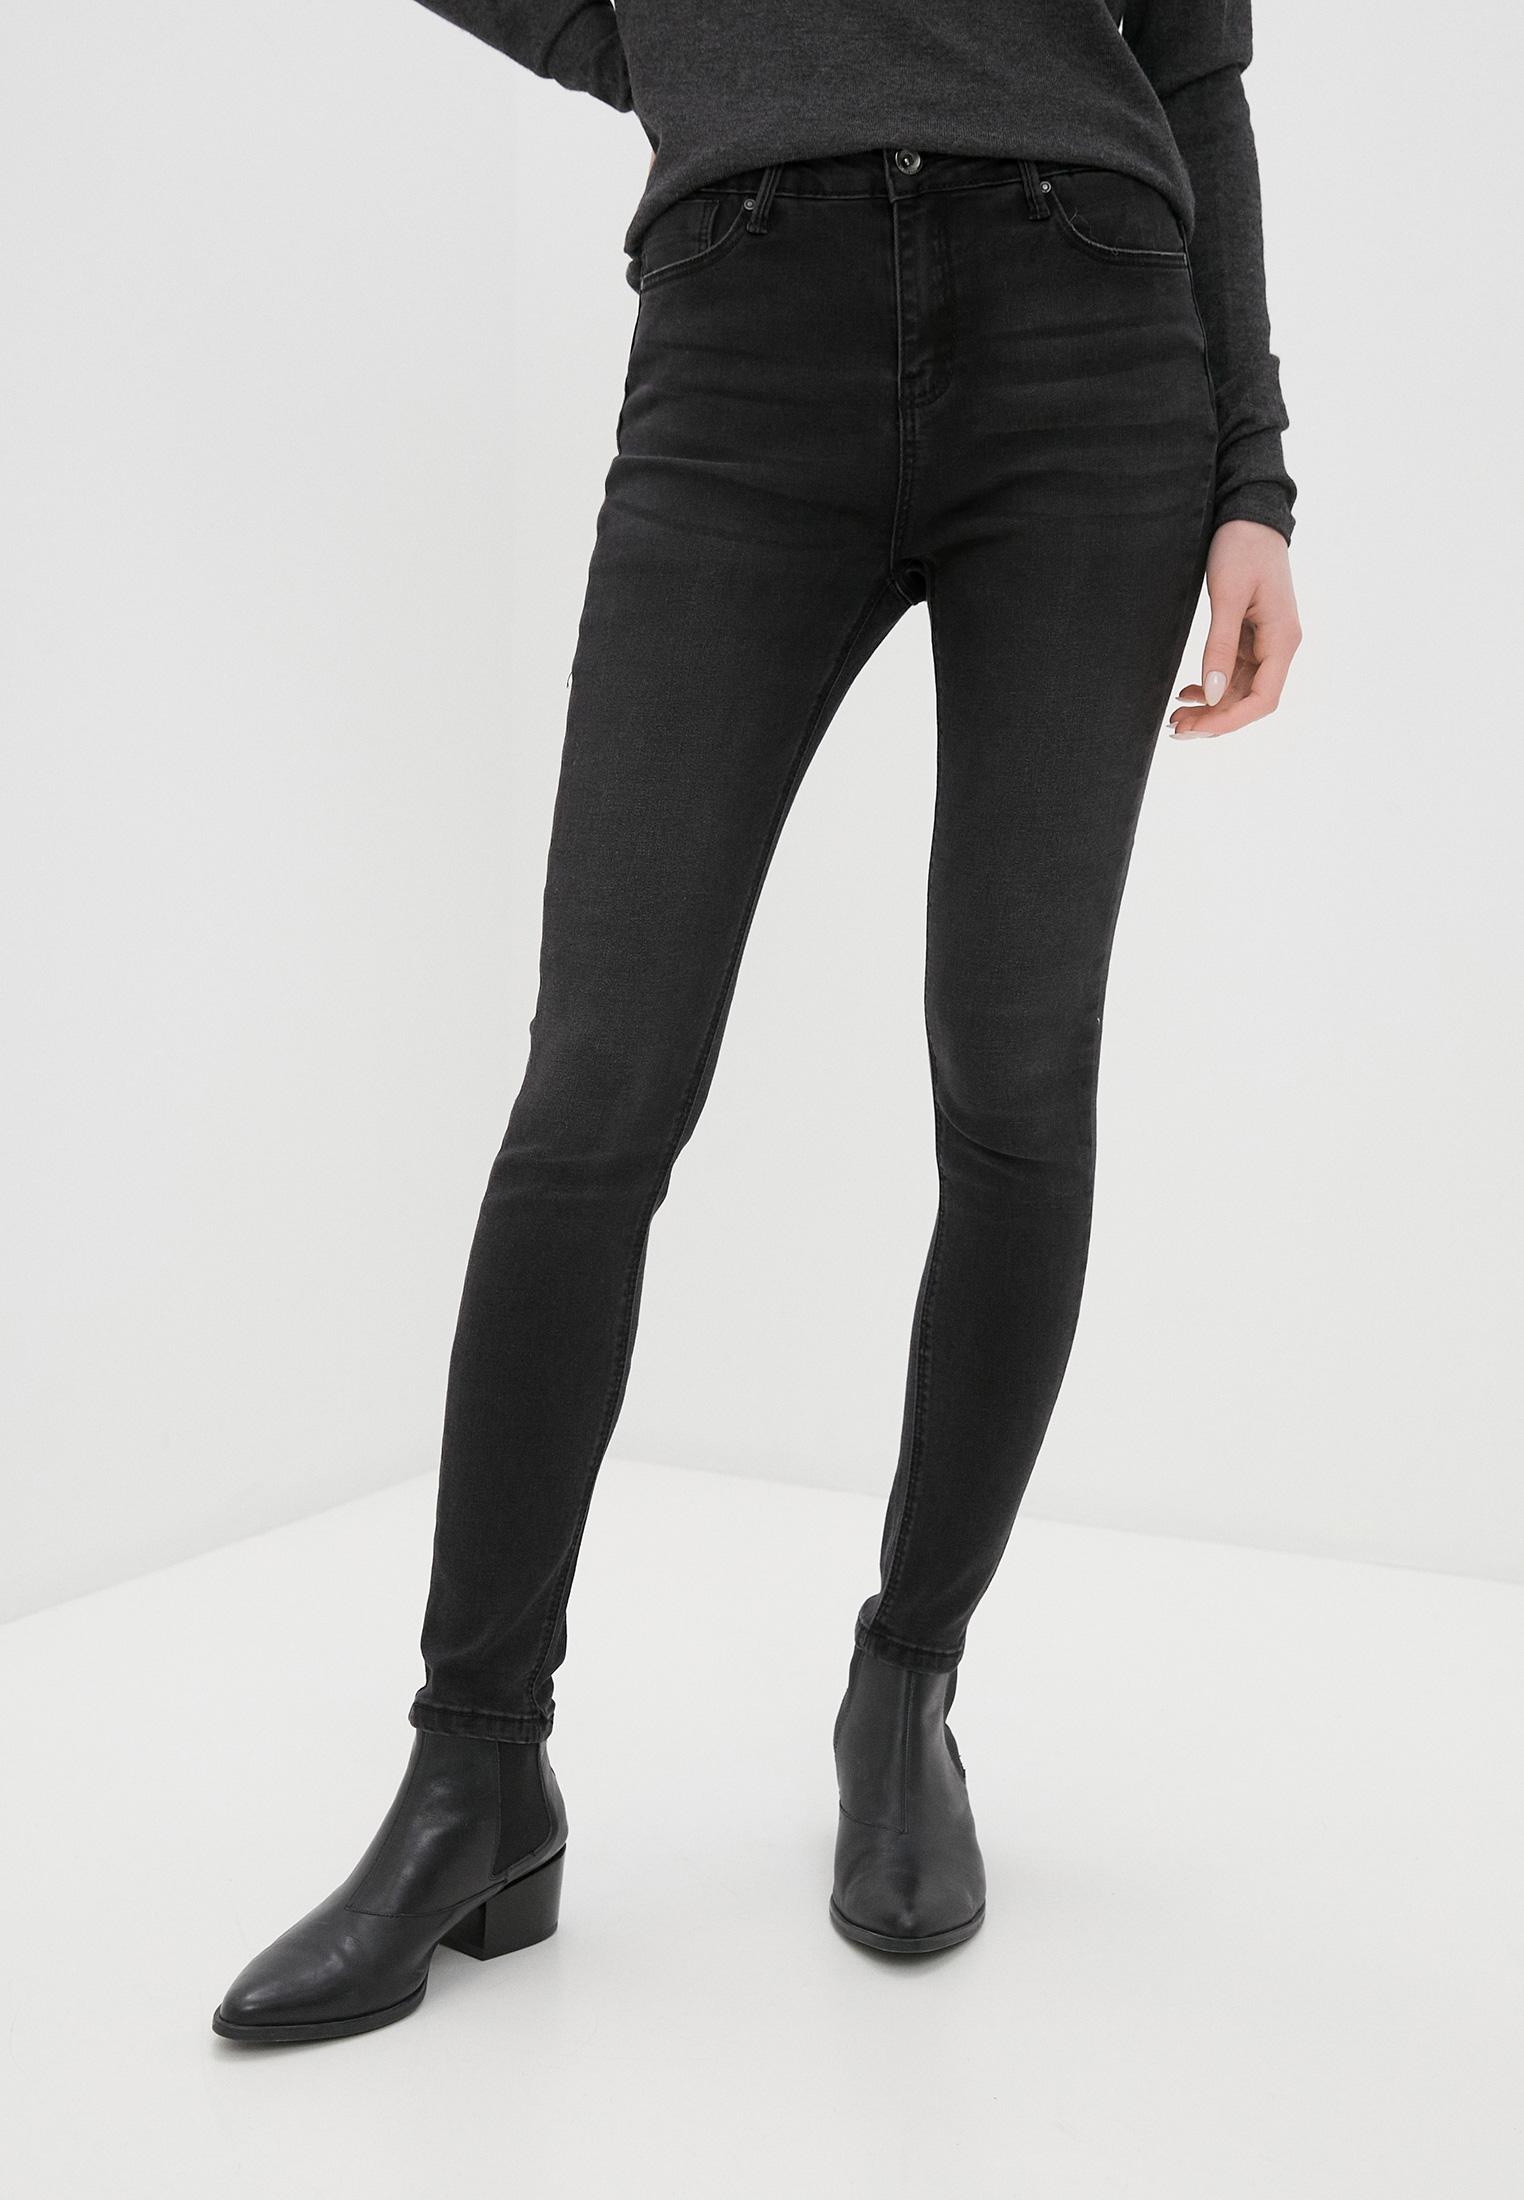 Зауженные джинсы Haily's KLT-1812005